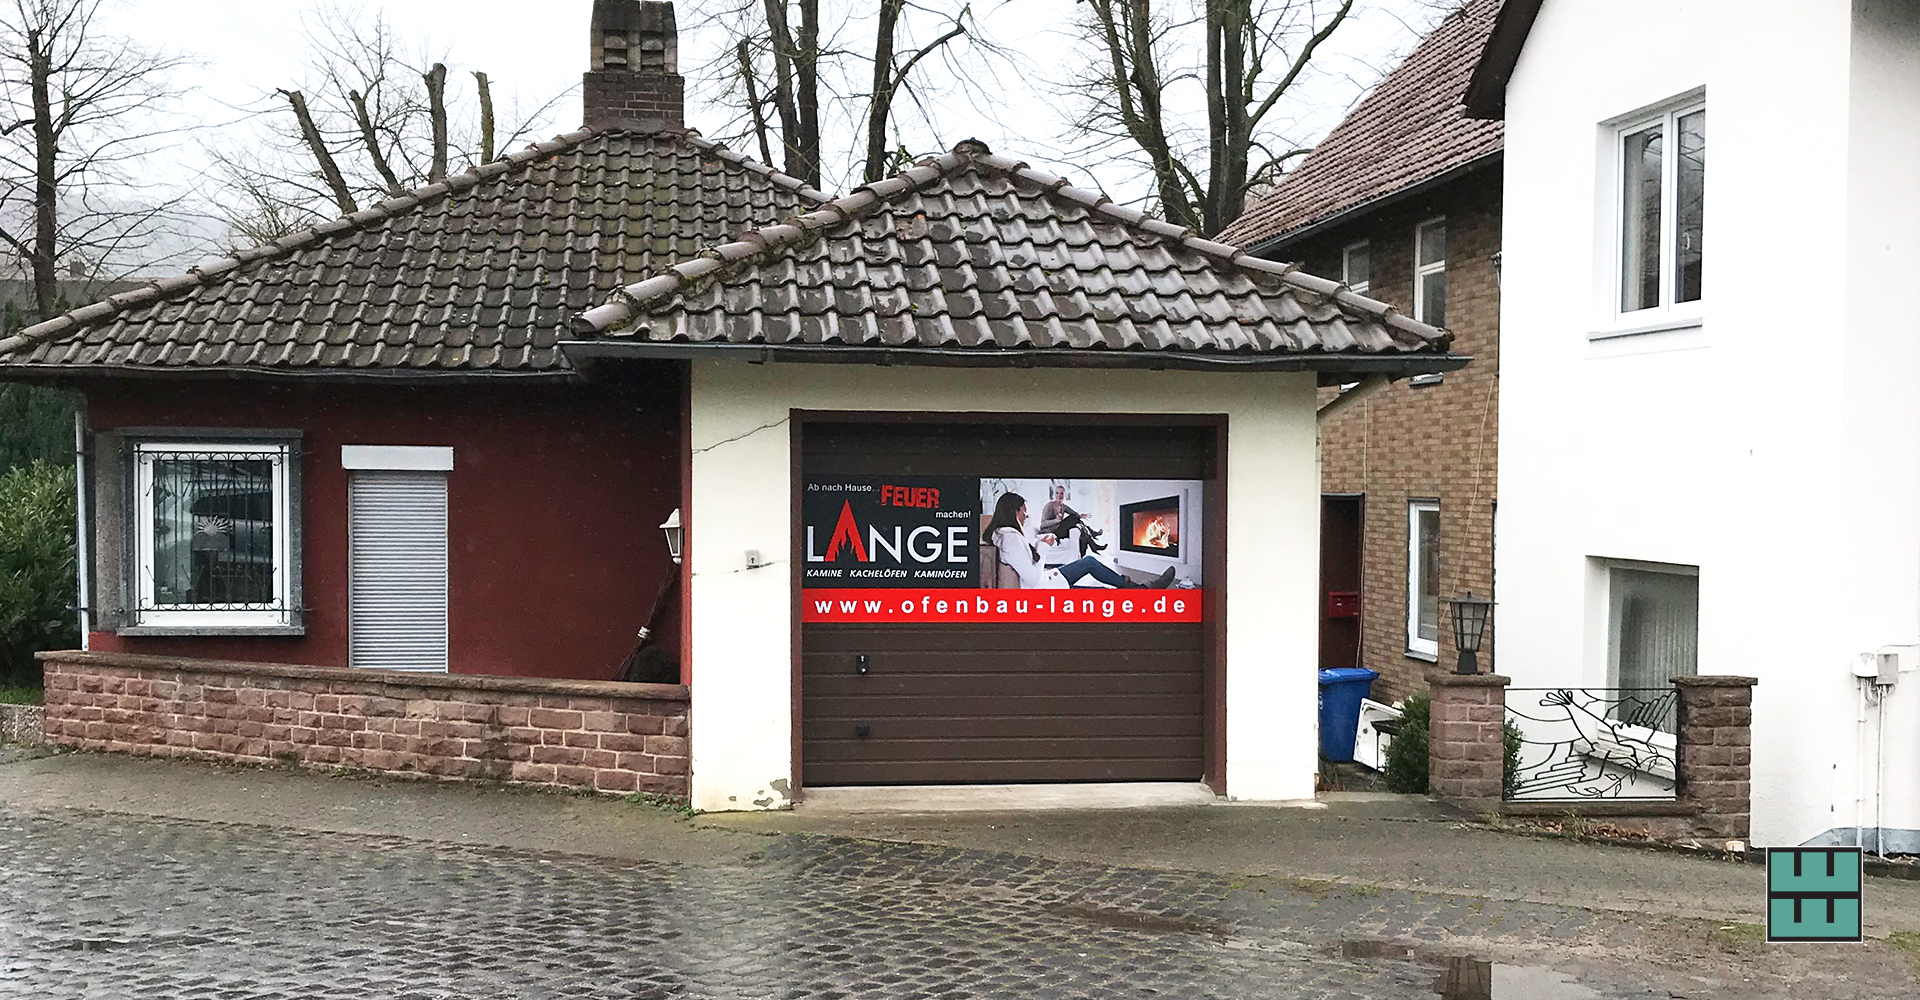 Auch Ofenbau Lange hat neue Schilder erhalten. Weber Werbung hat den Druck sowie die Montage übernommen.